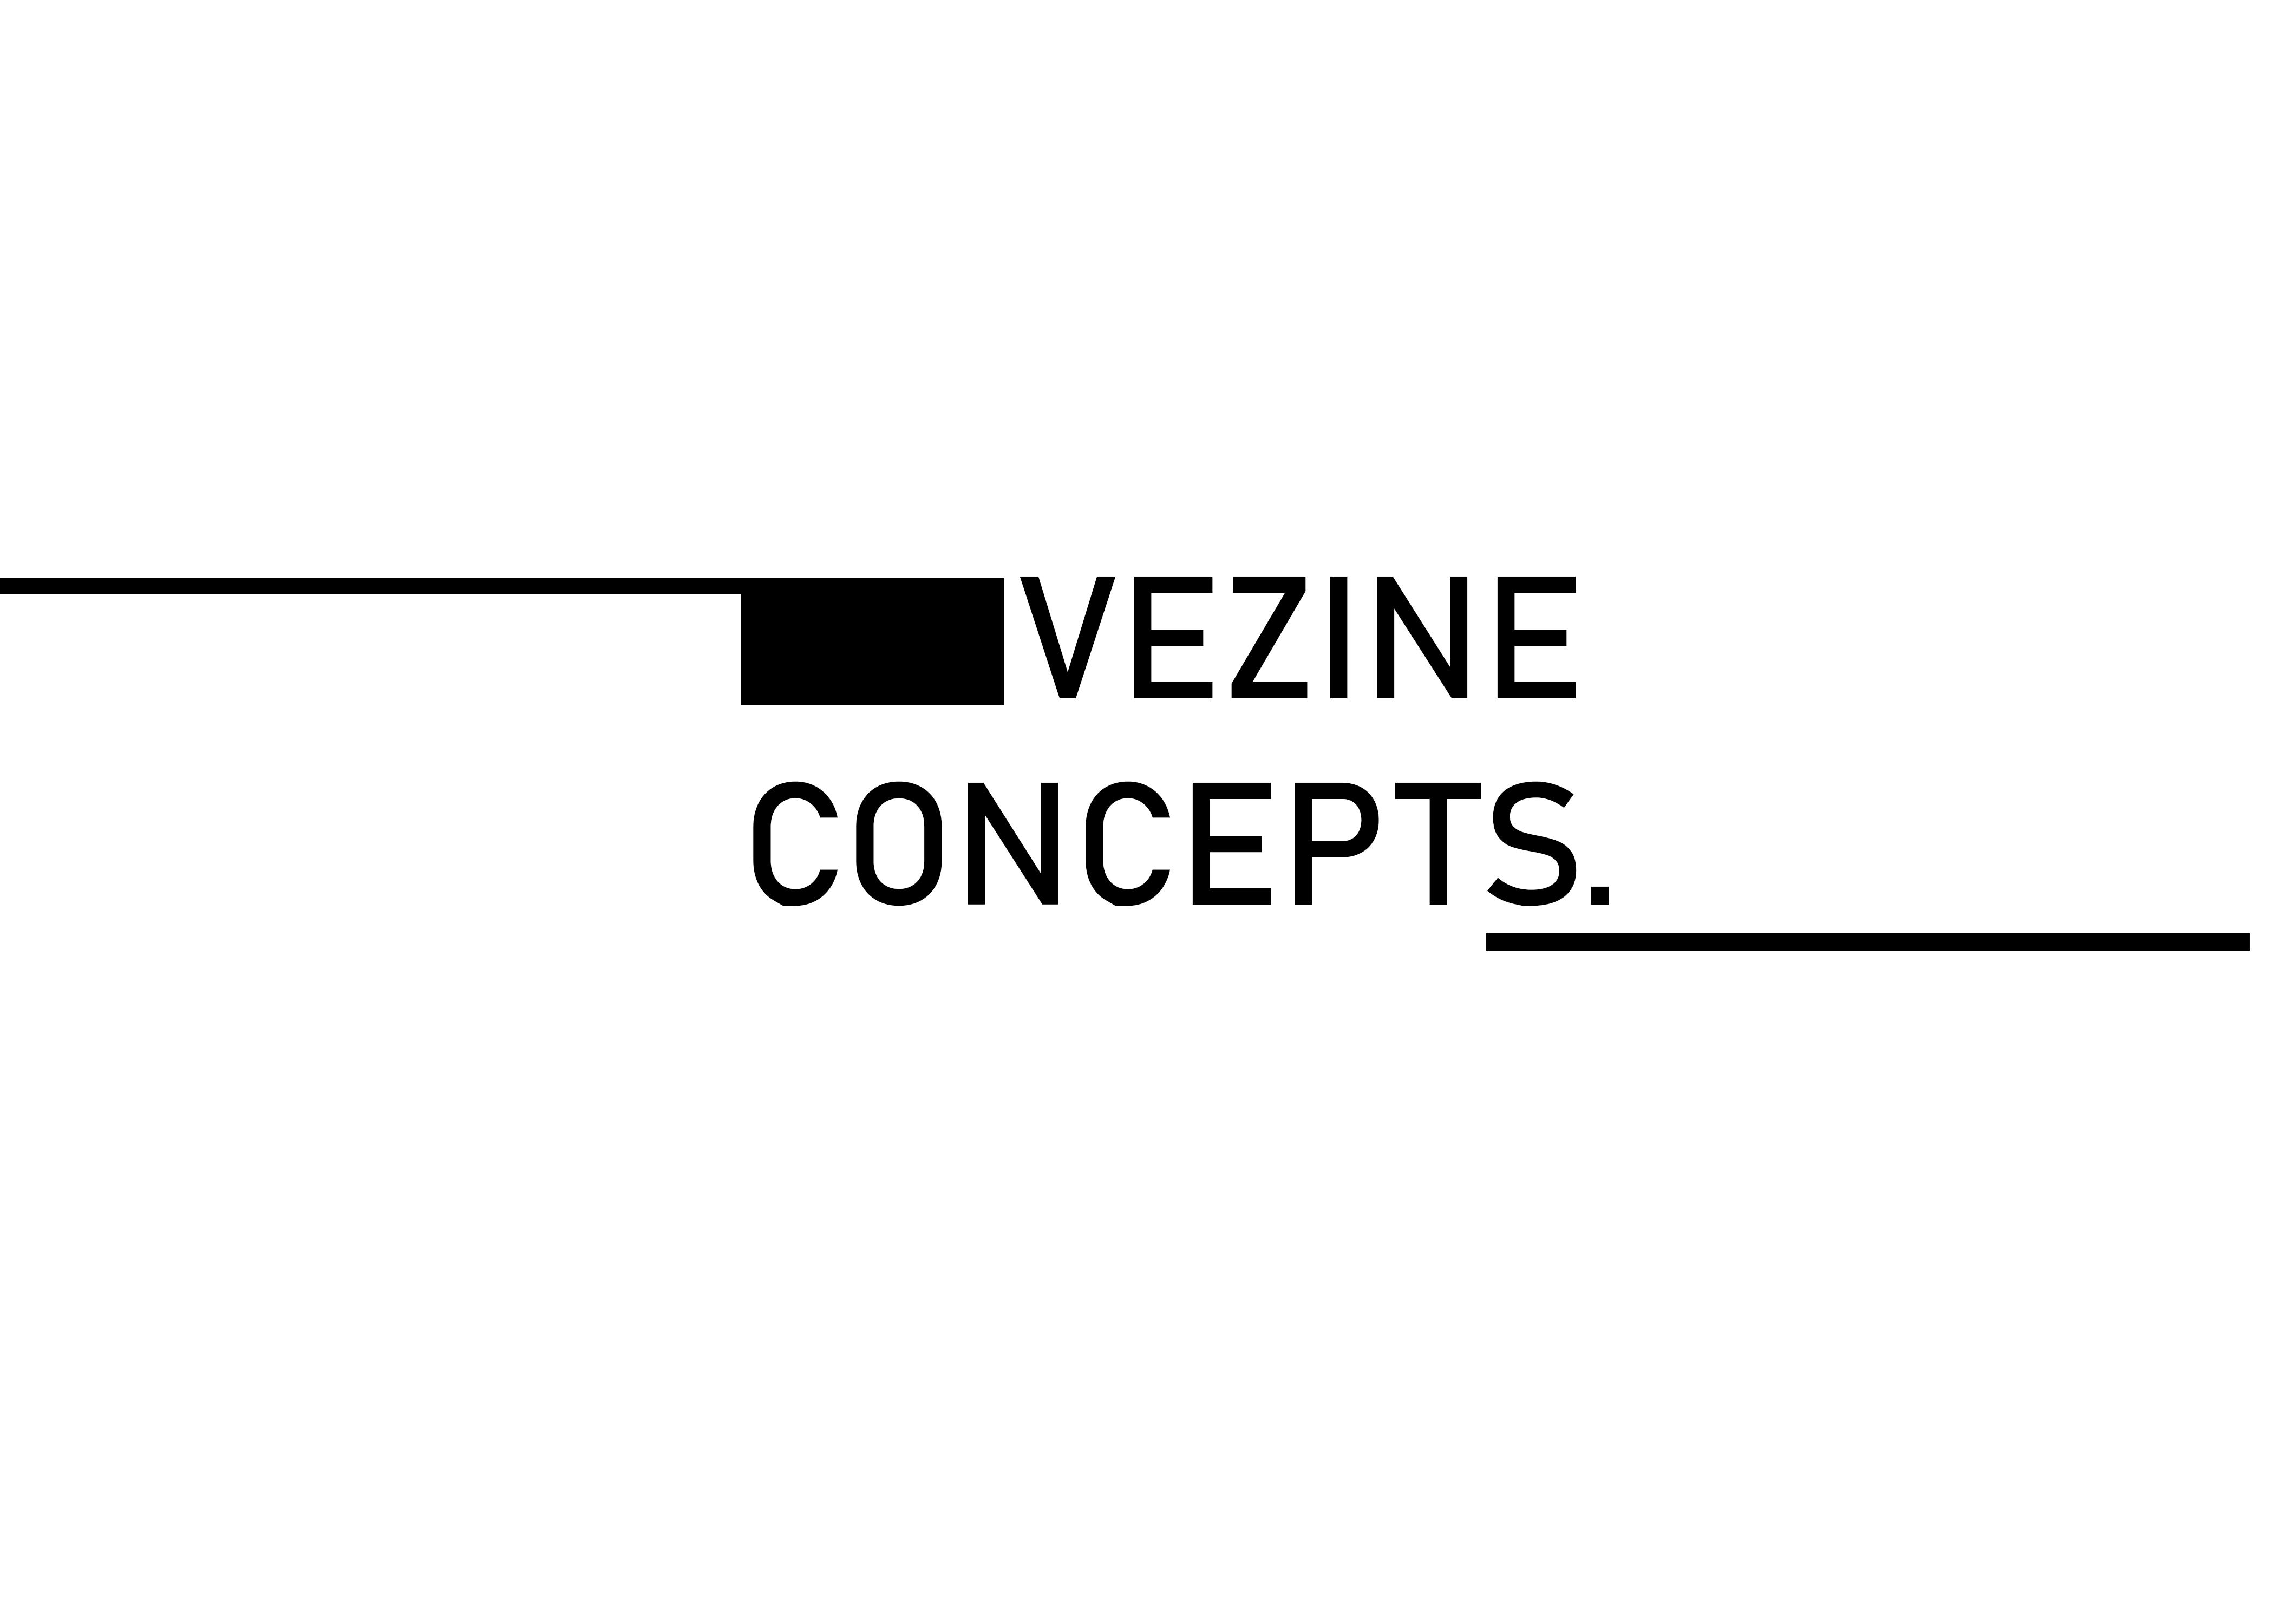 vezineconcepts